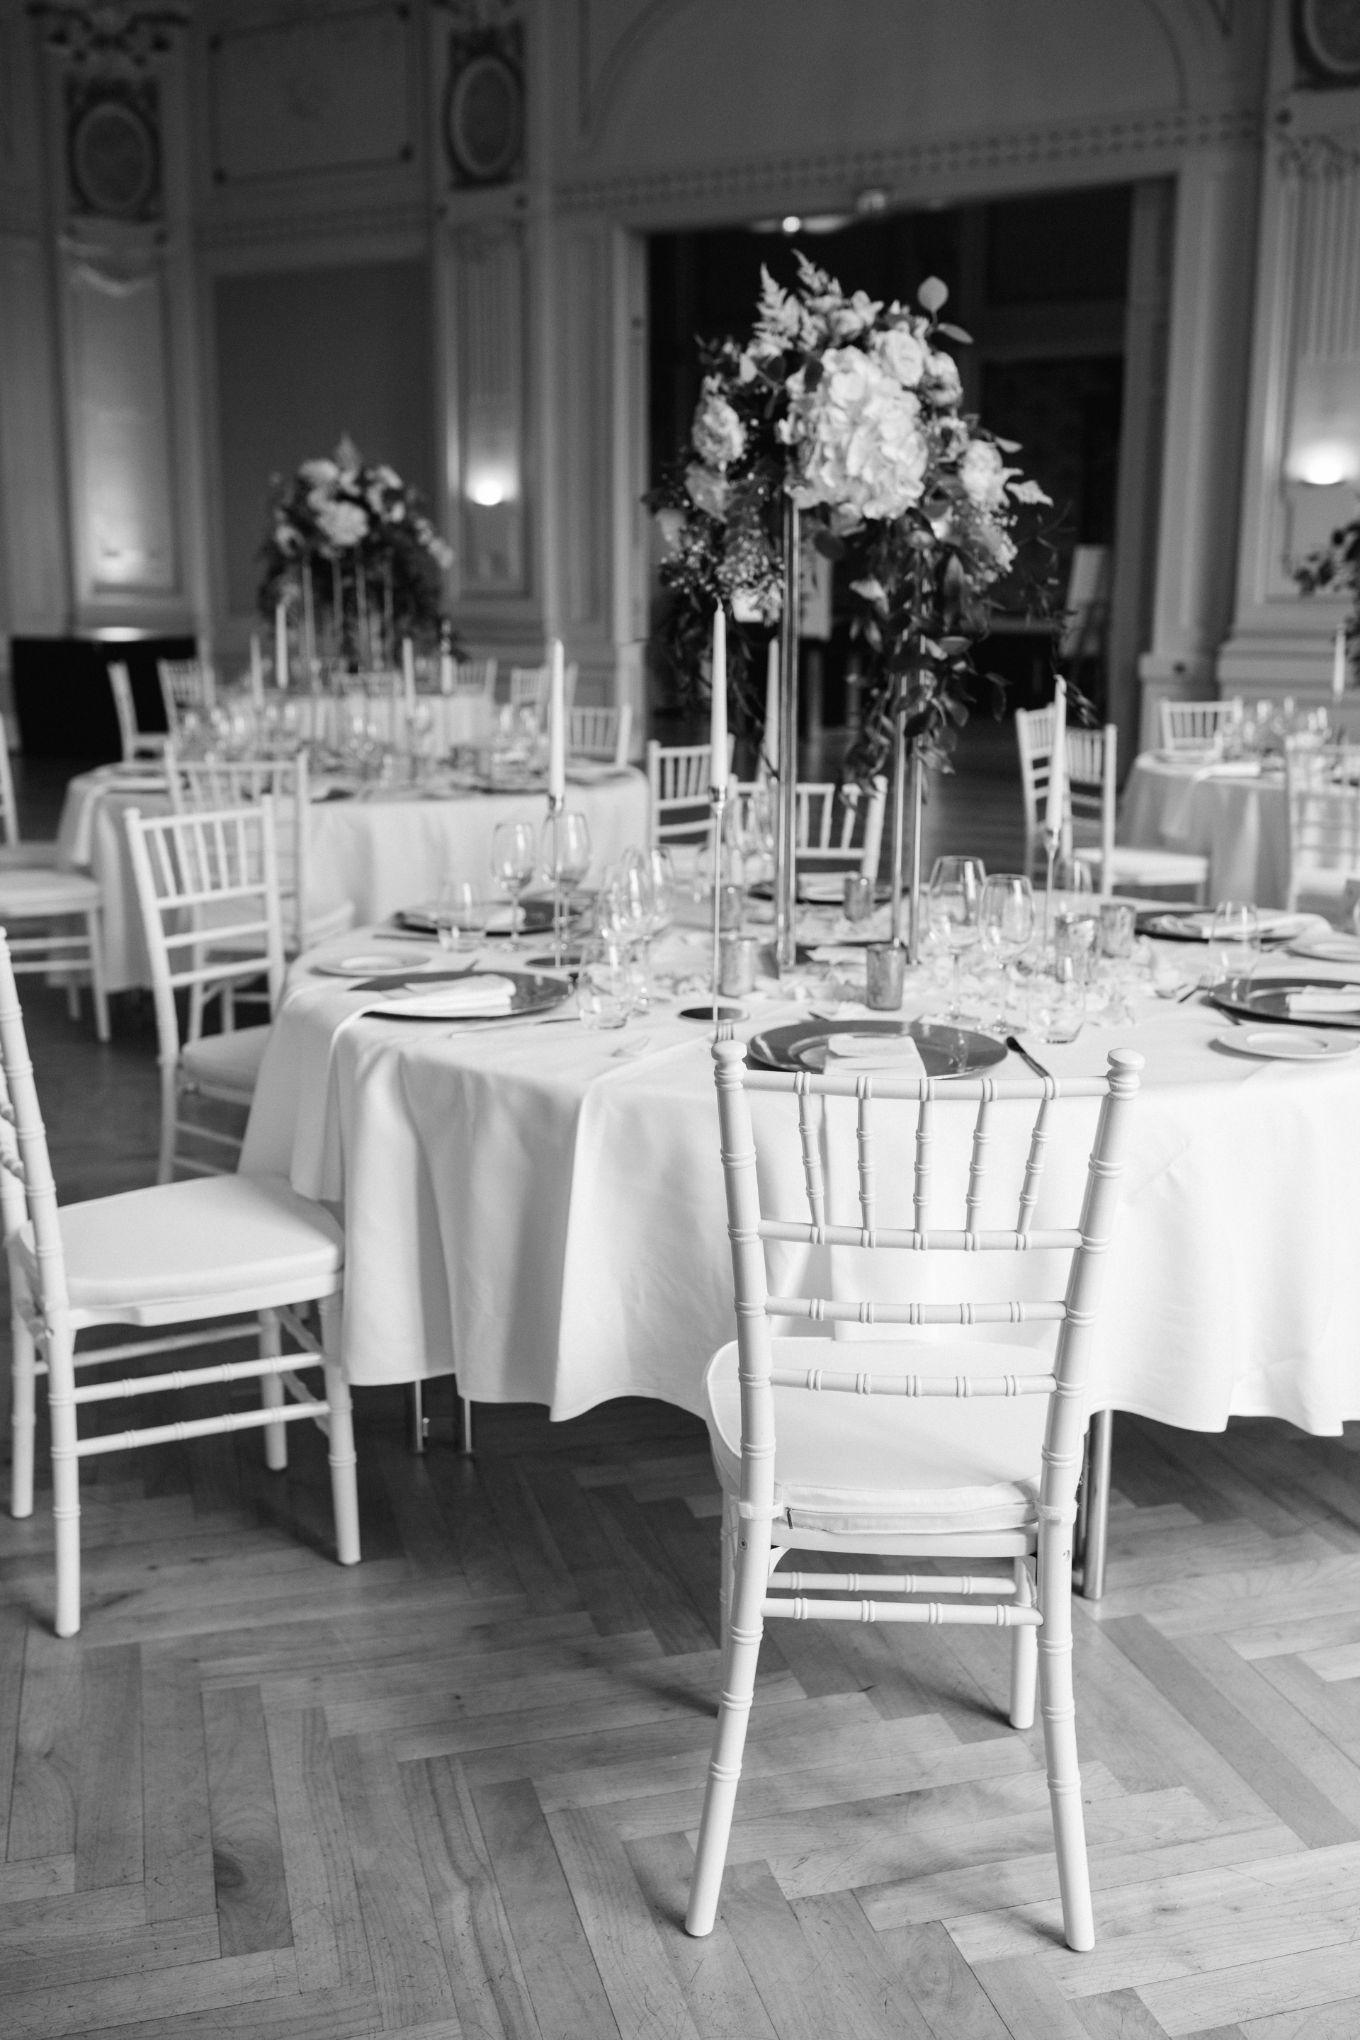 Historische-Stadthalle-Wuppertal-Hochzeit-The-Saums-KN-6-17.jpg